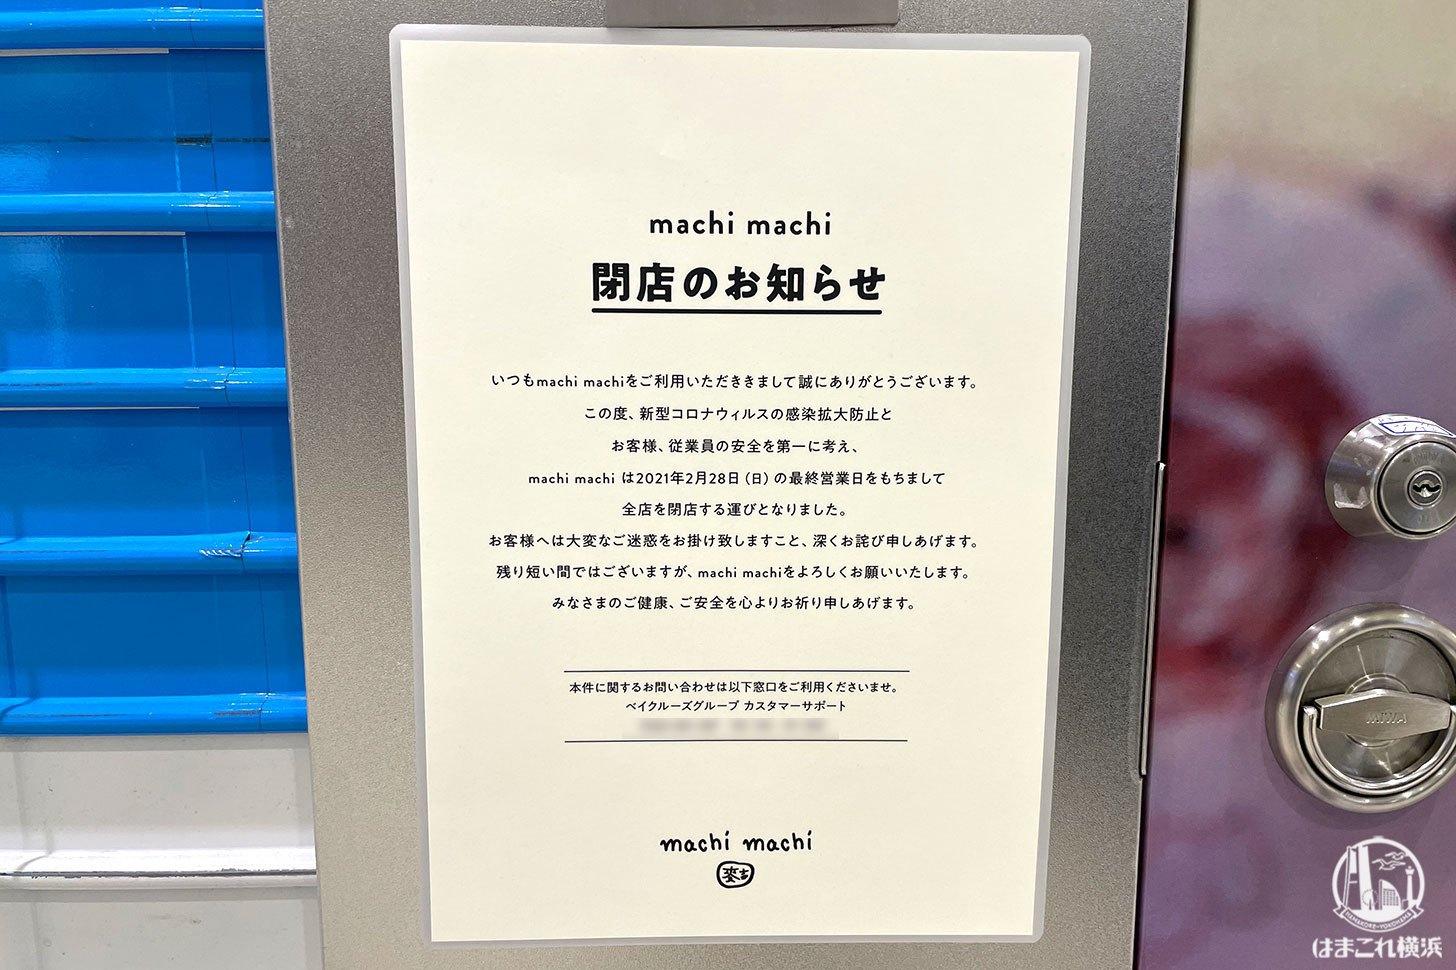 マチマチ全店閉店のお知らせ